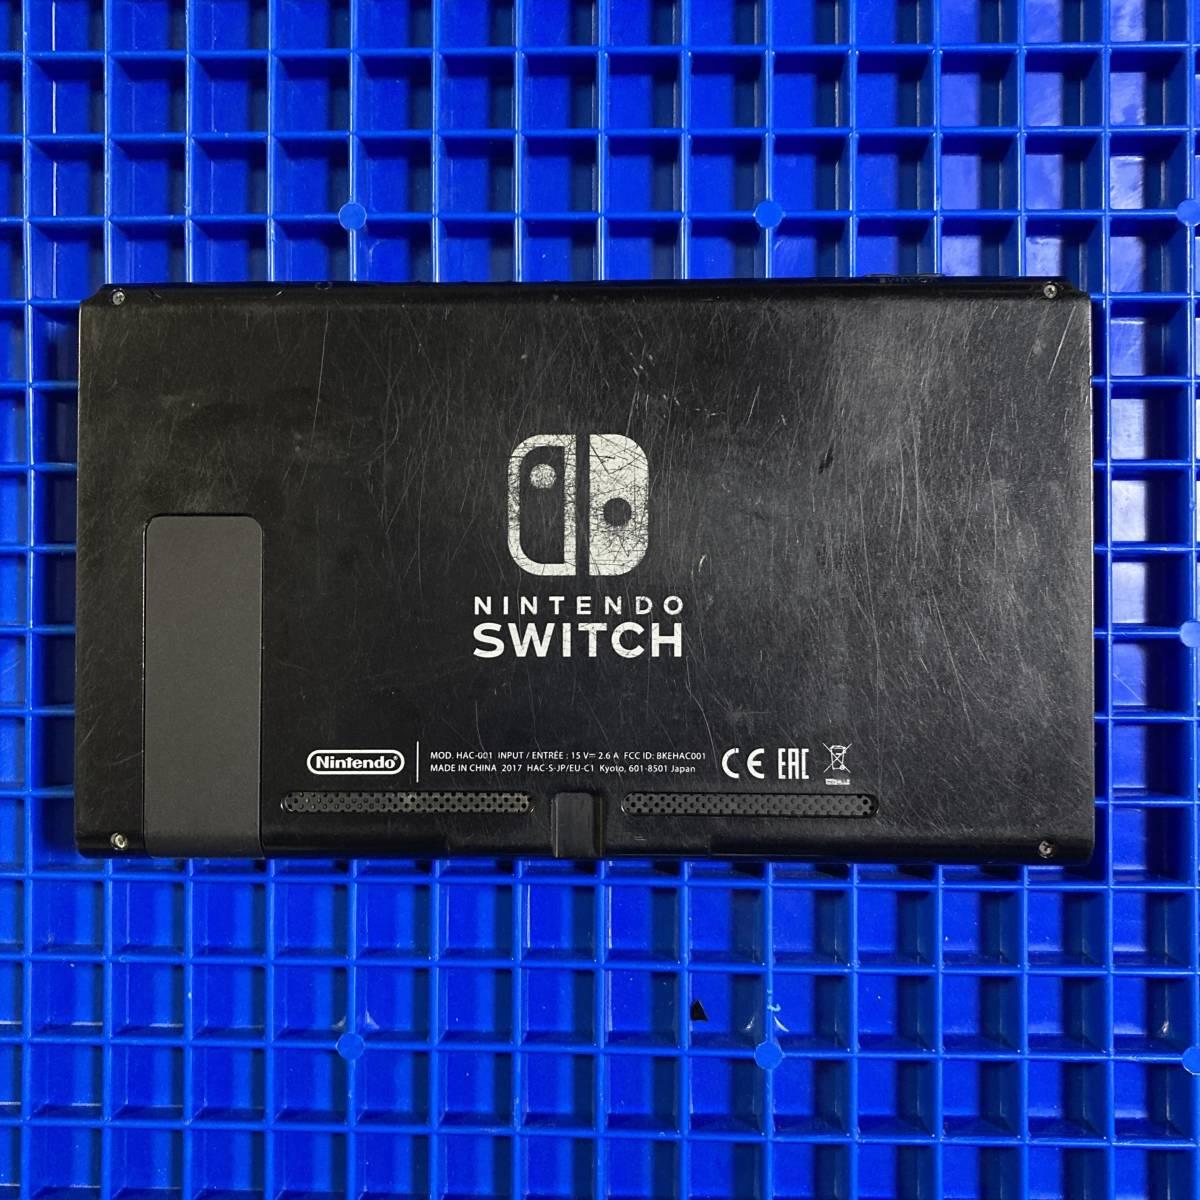 ジャンク ニンテンドースイッチ Nintendo Switch HAC-001 2017年製 未対策機 cfw 旧型 読込NG 電源ボタン反応悪い 本体のみ 任天堂 YO-731_画像2